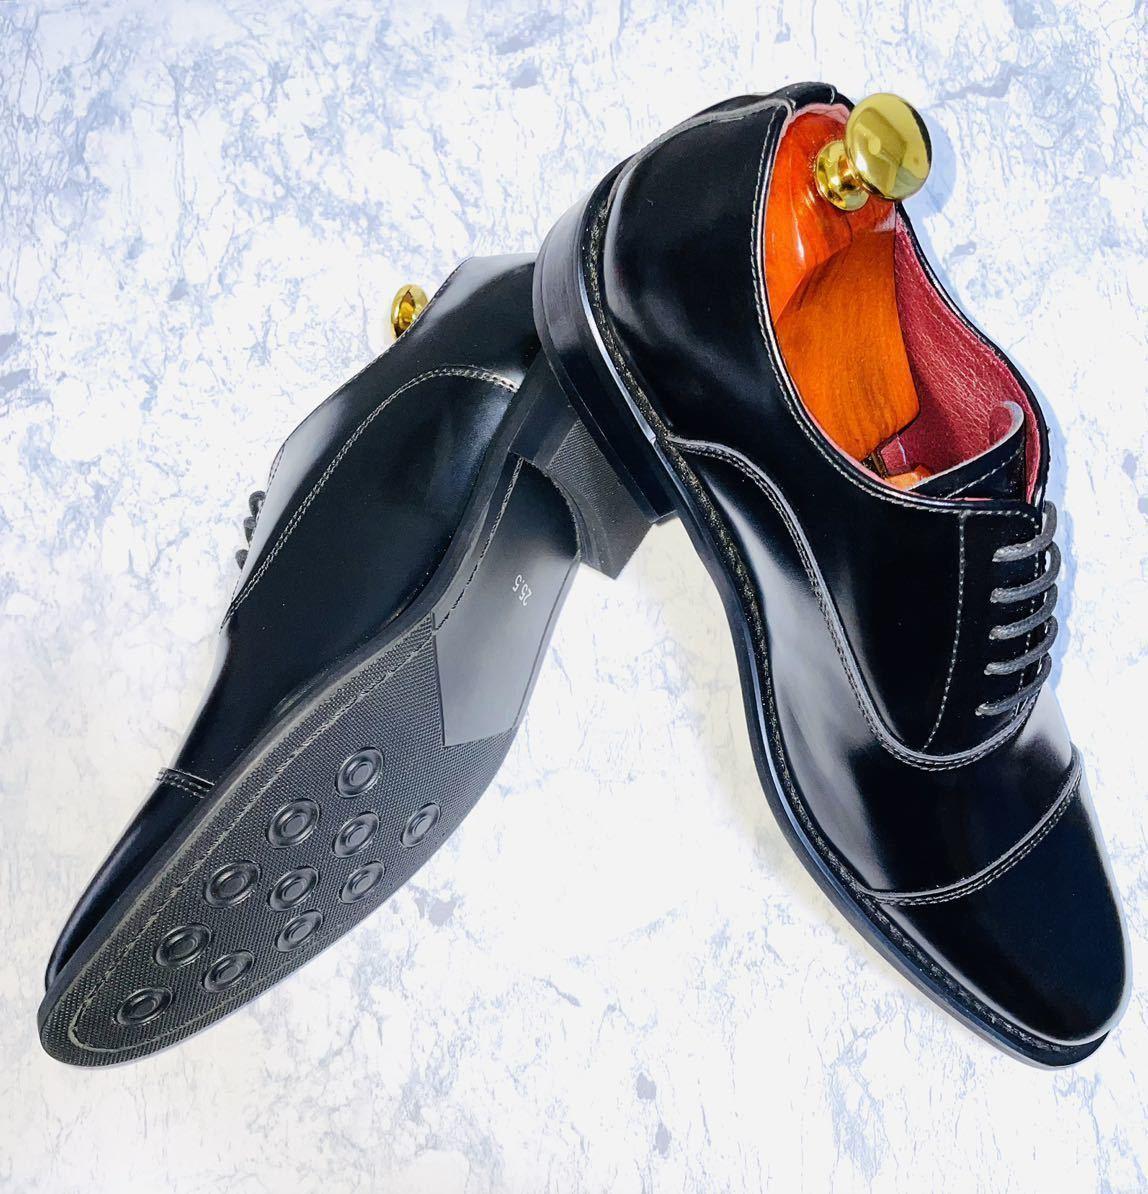 1円 高級 本革 高品質 革靴 ビジネスシューズ 内羽根 26.5 フォーマル 冠婚葬祭 ストレートチップ ブラック